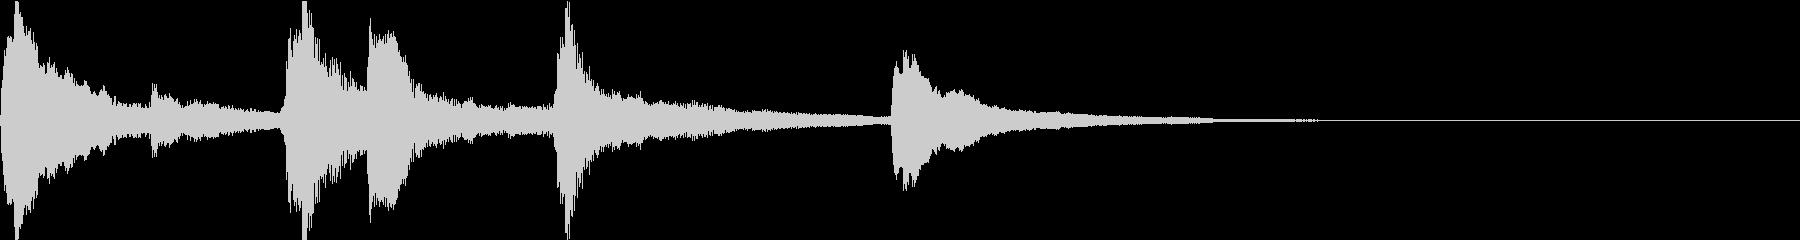 浮遊感がある神秘的なピアノジングルの未再生の波形